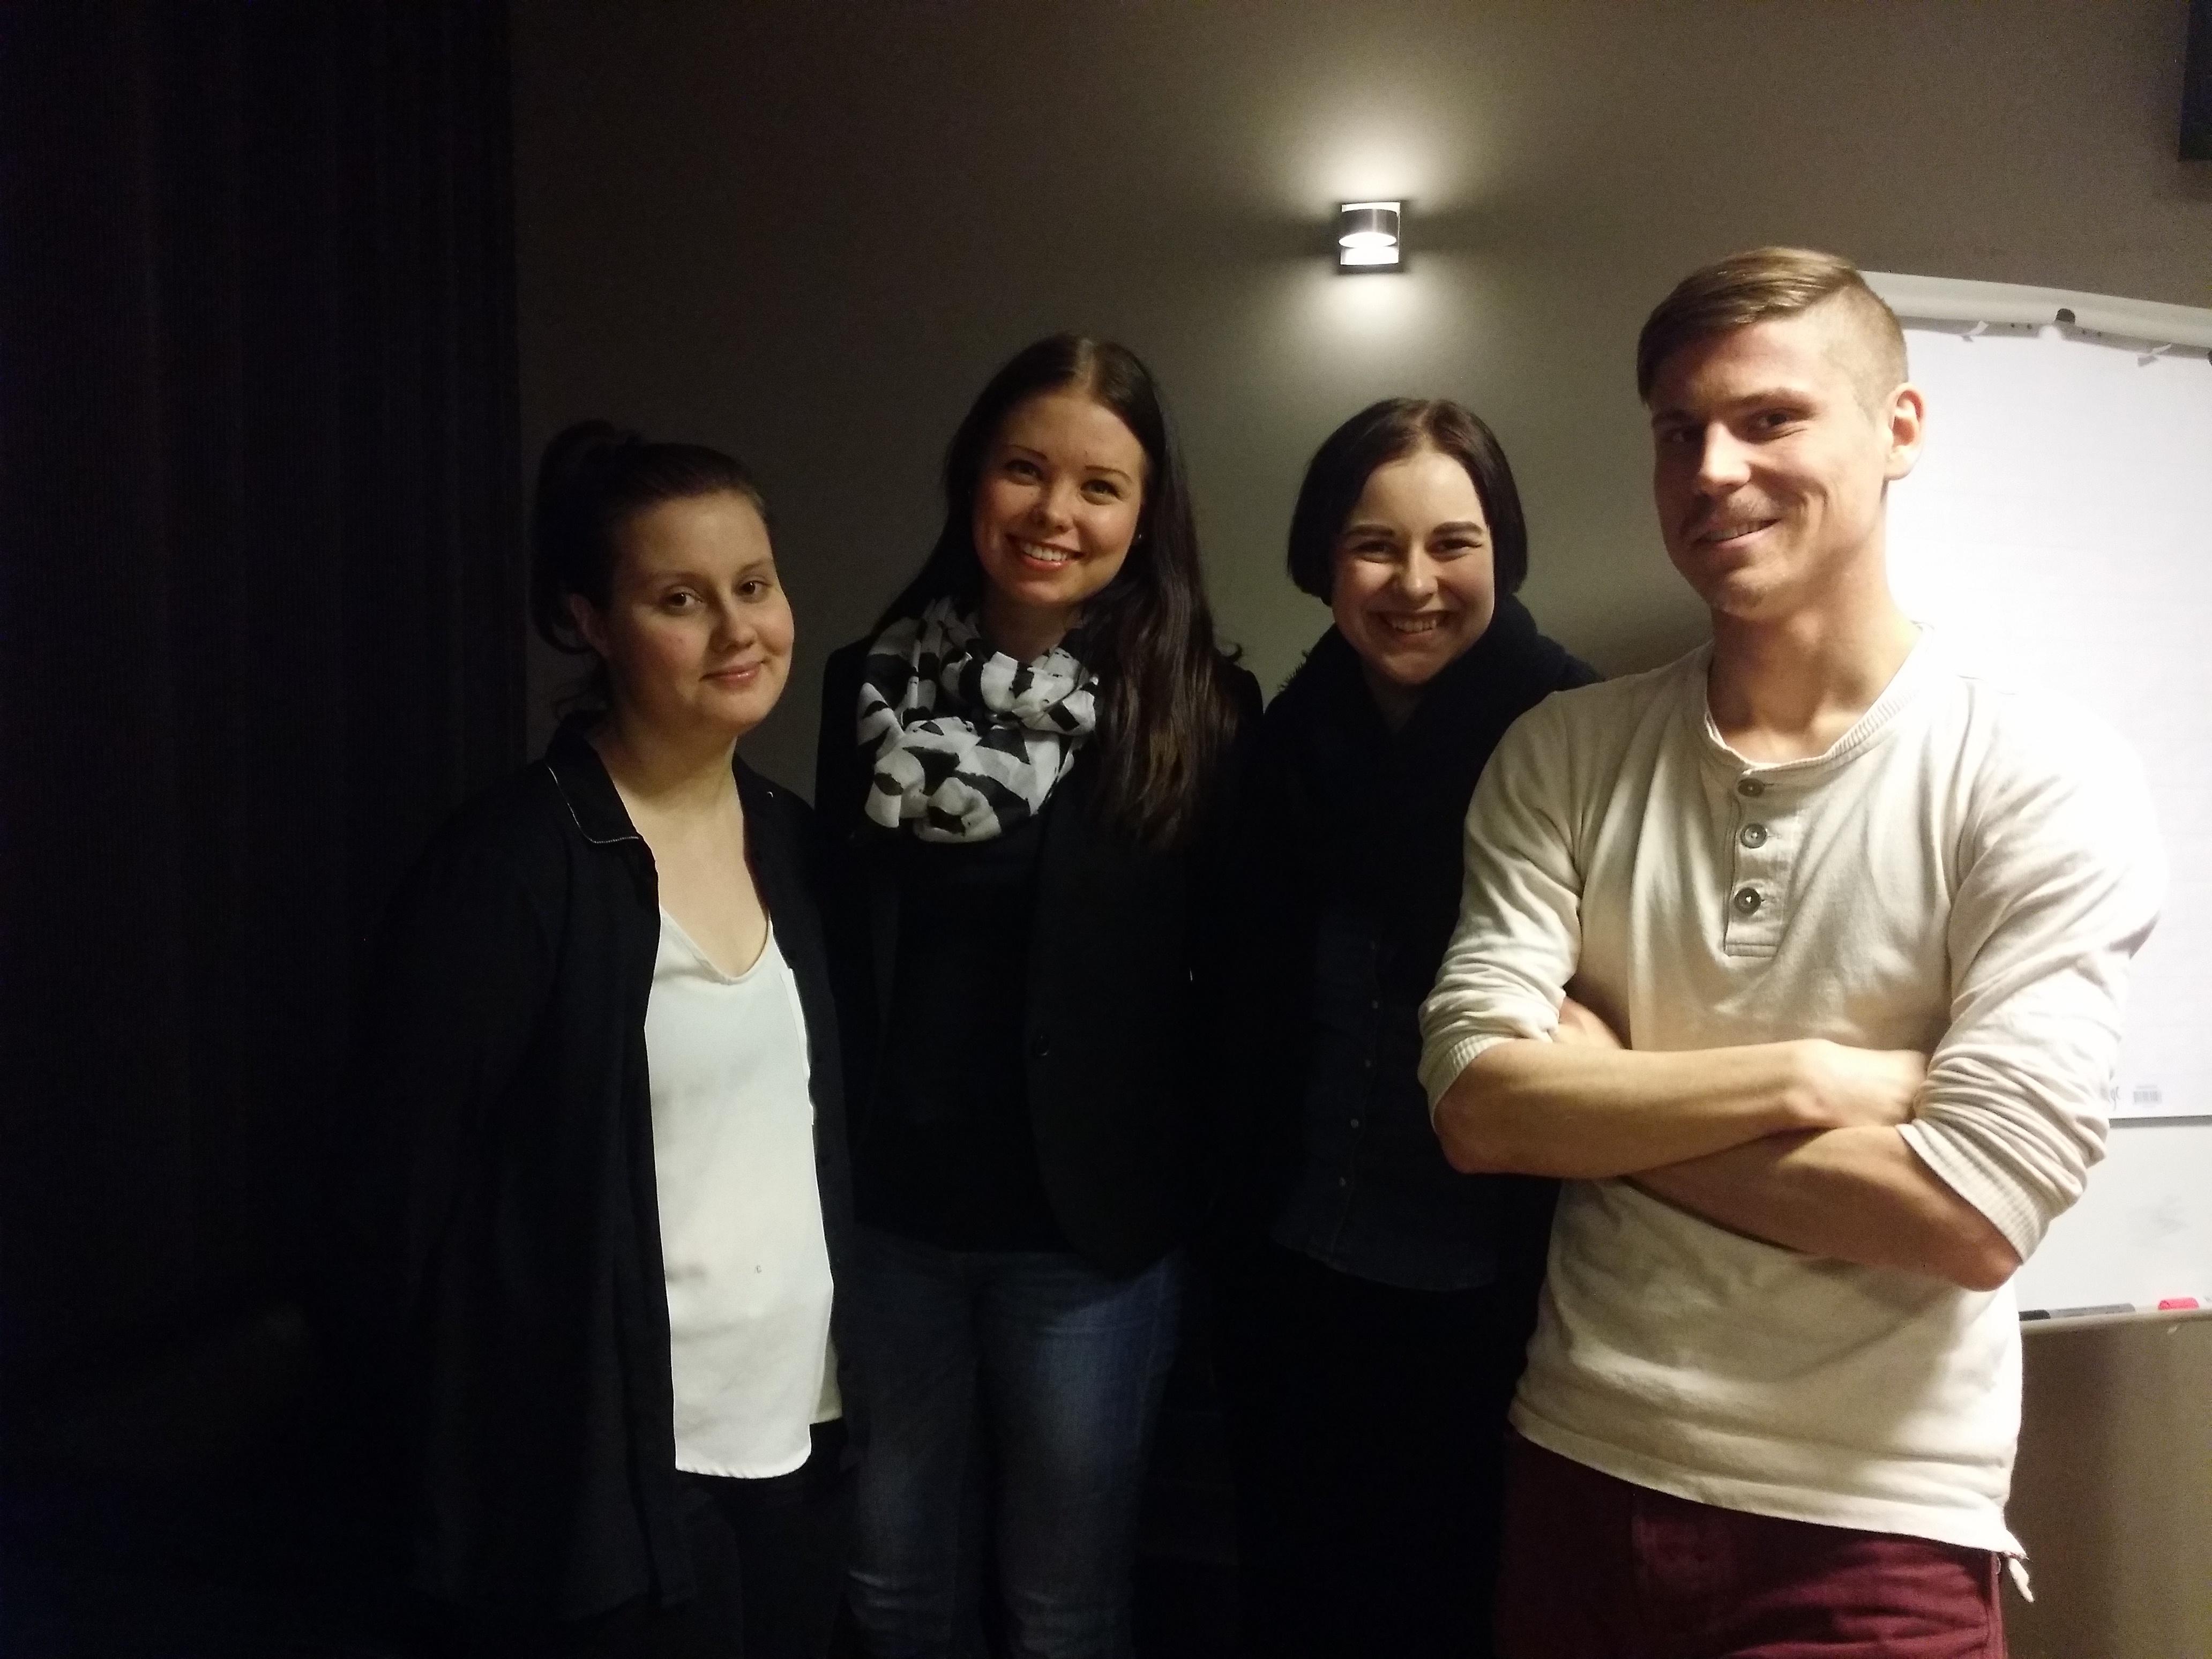 Suvi-Tuulia Nykänen, Heidi Järvenpää, Laura Kangas ja Topias Peltonen edustavat Lööppiä Keski-Suomen journalistien hallituksessa.